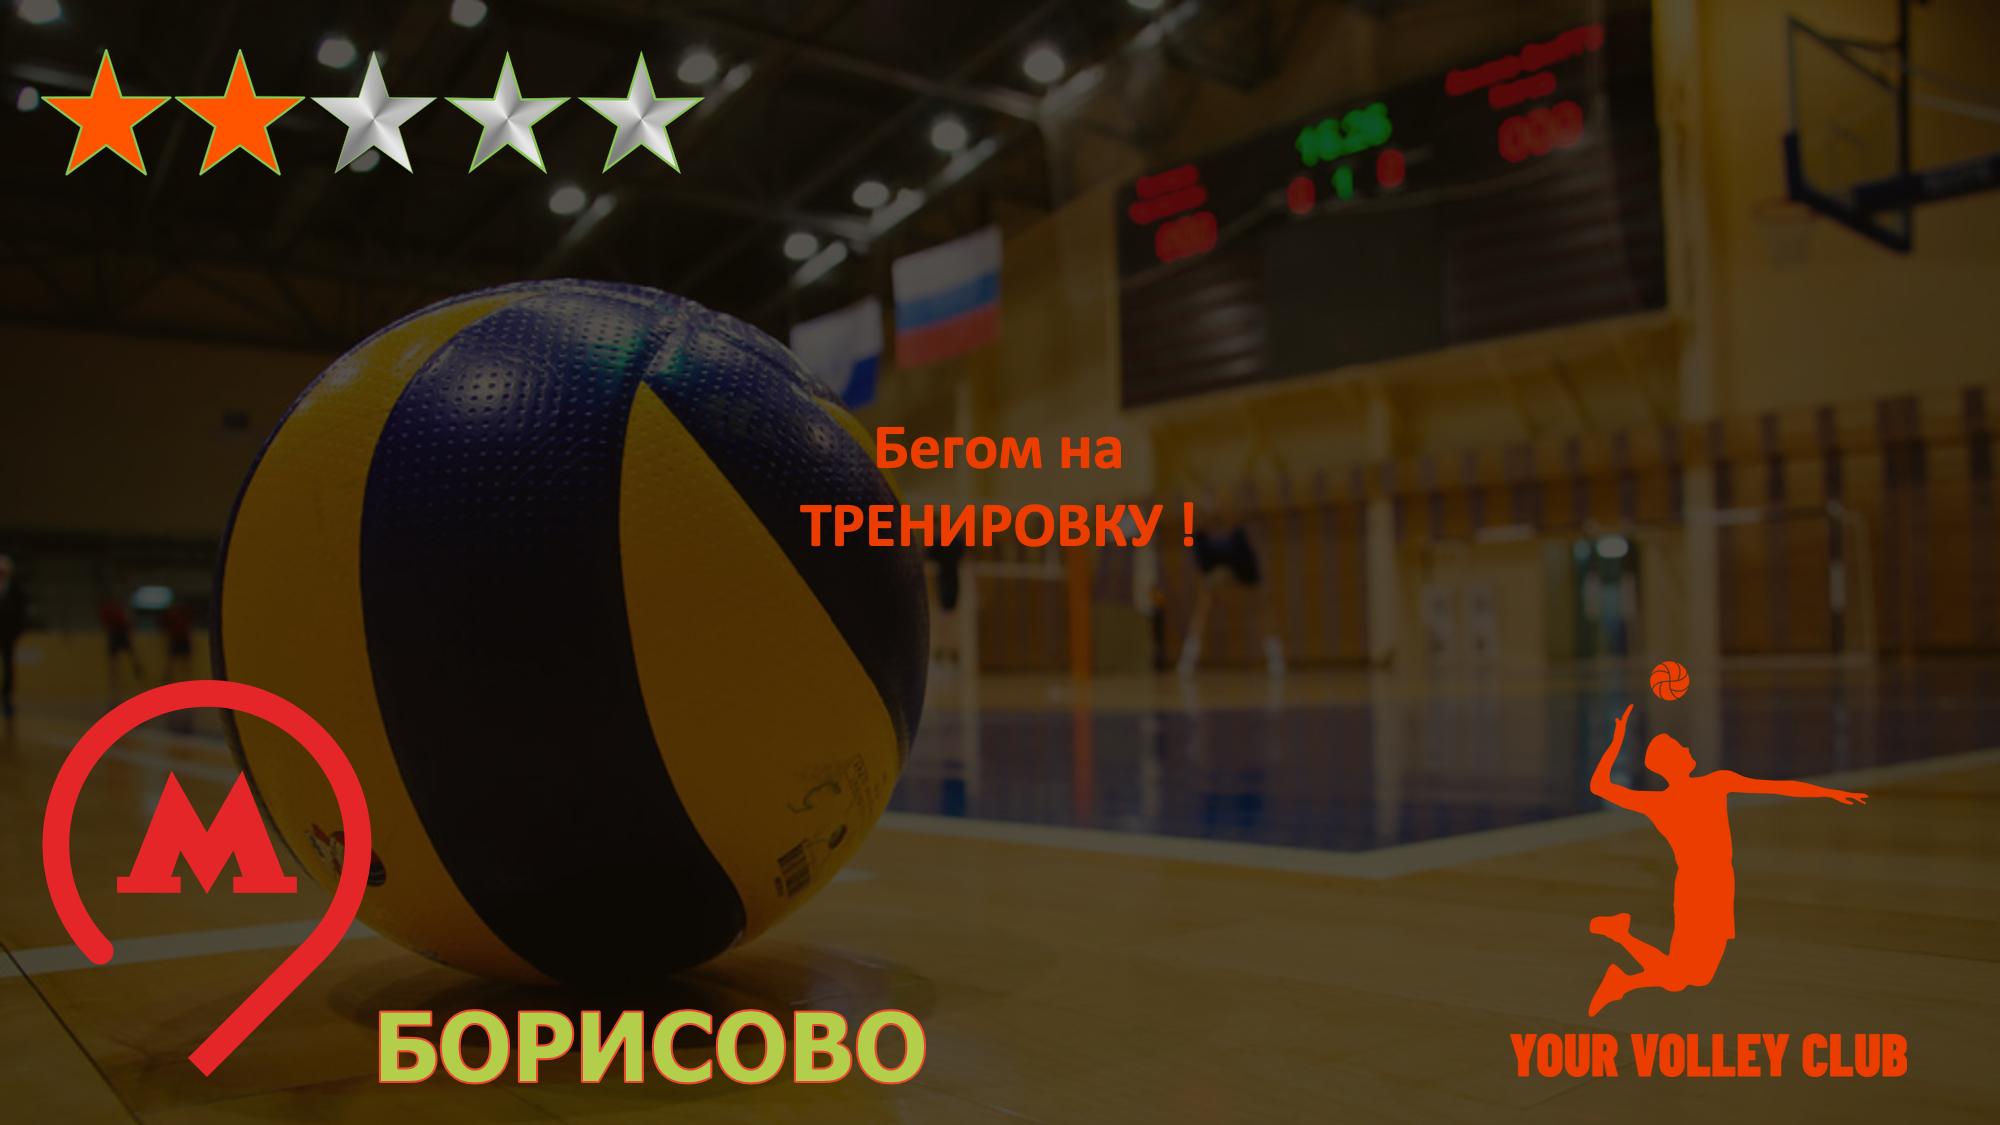 Борисово ПОНЕДЕЛЬНИК - Тренировка